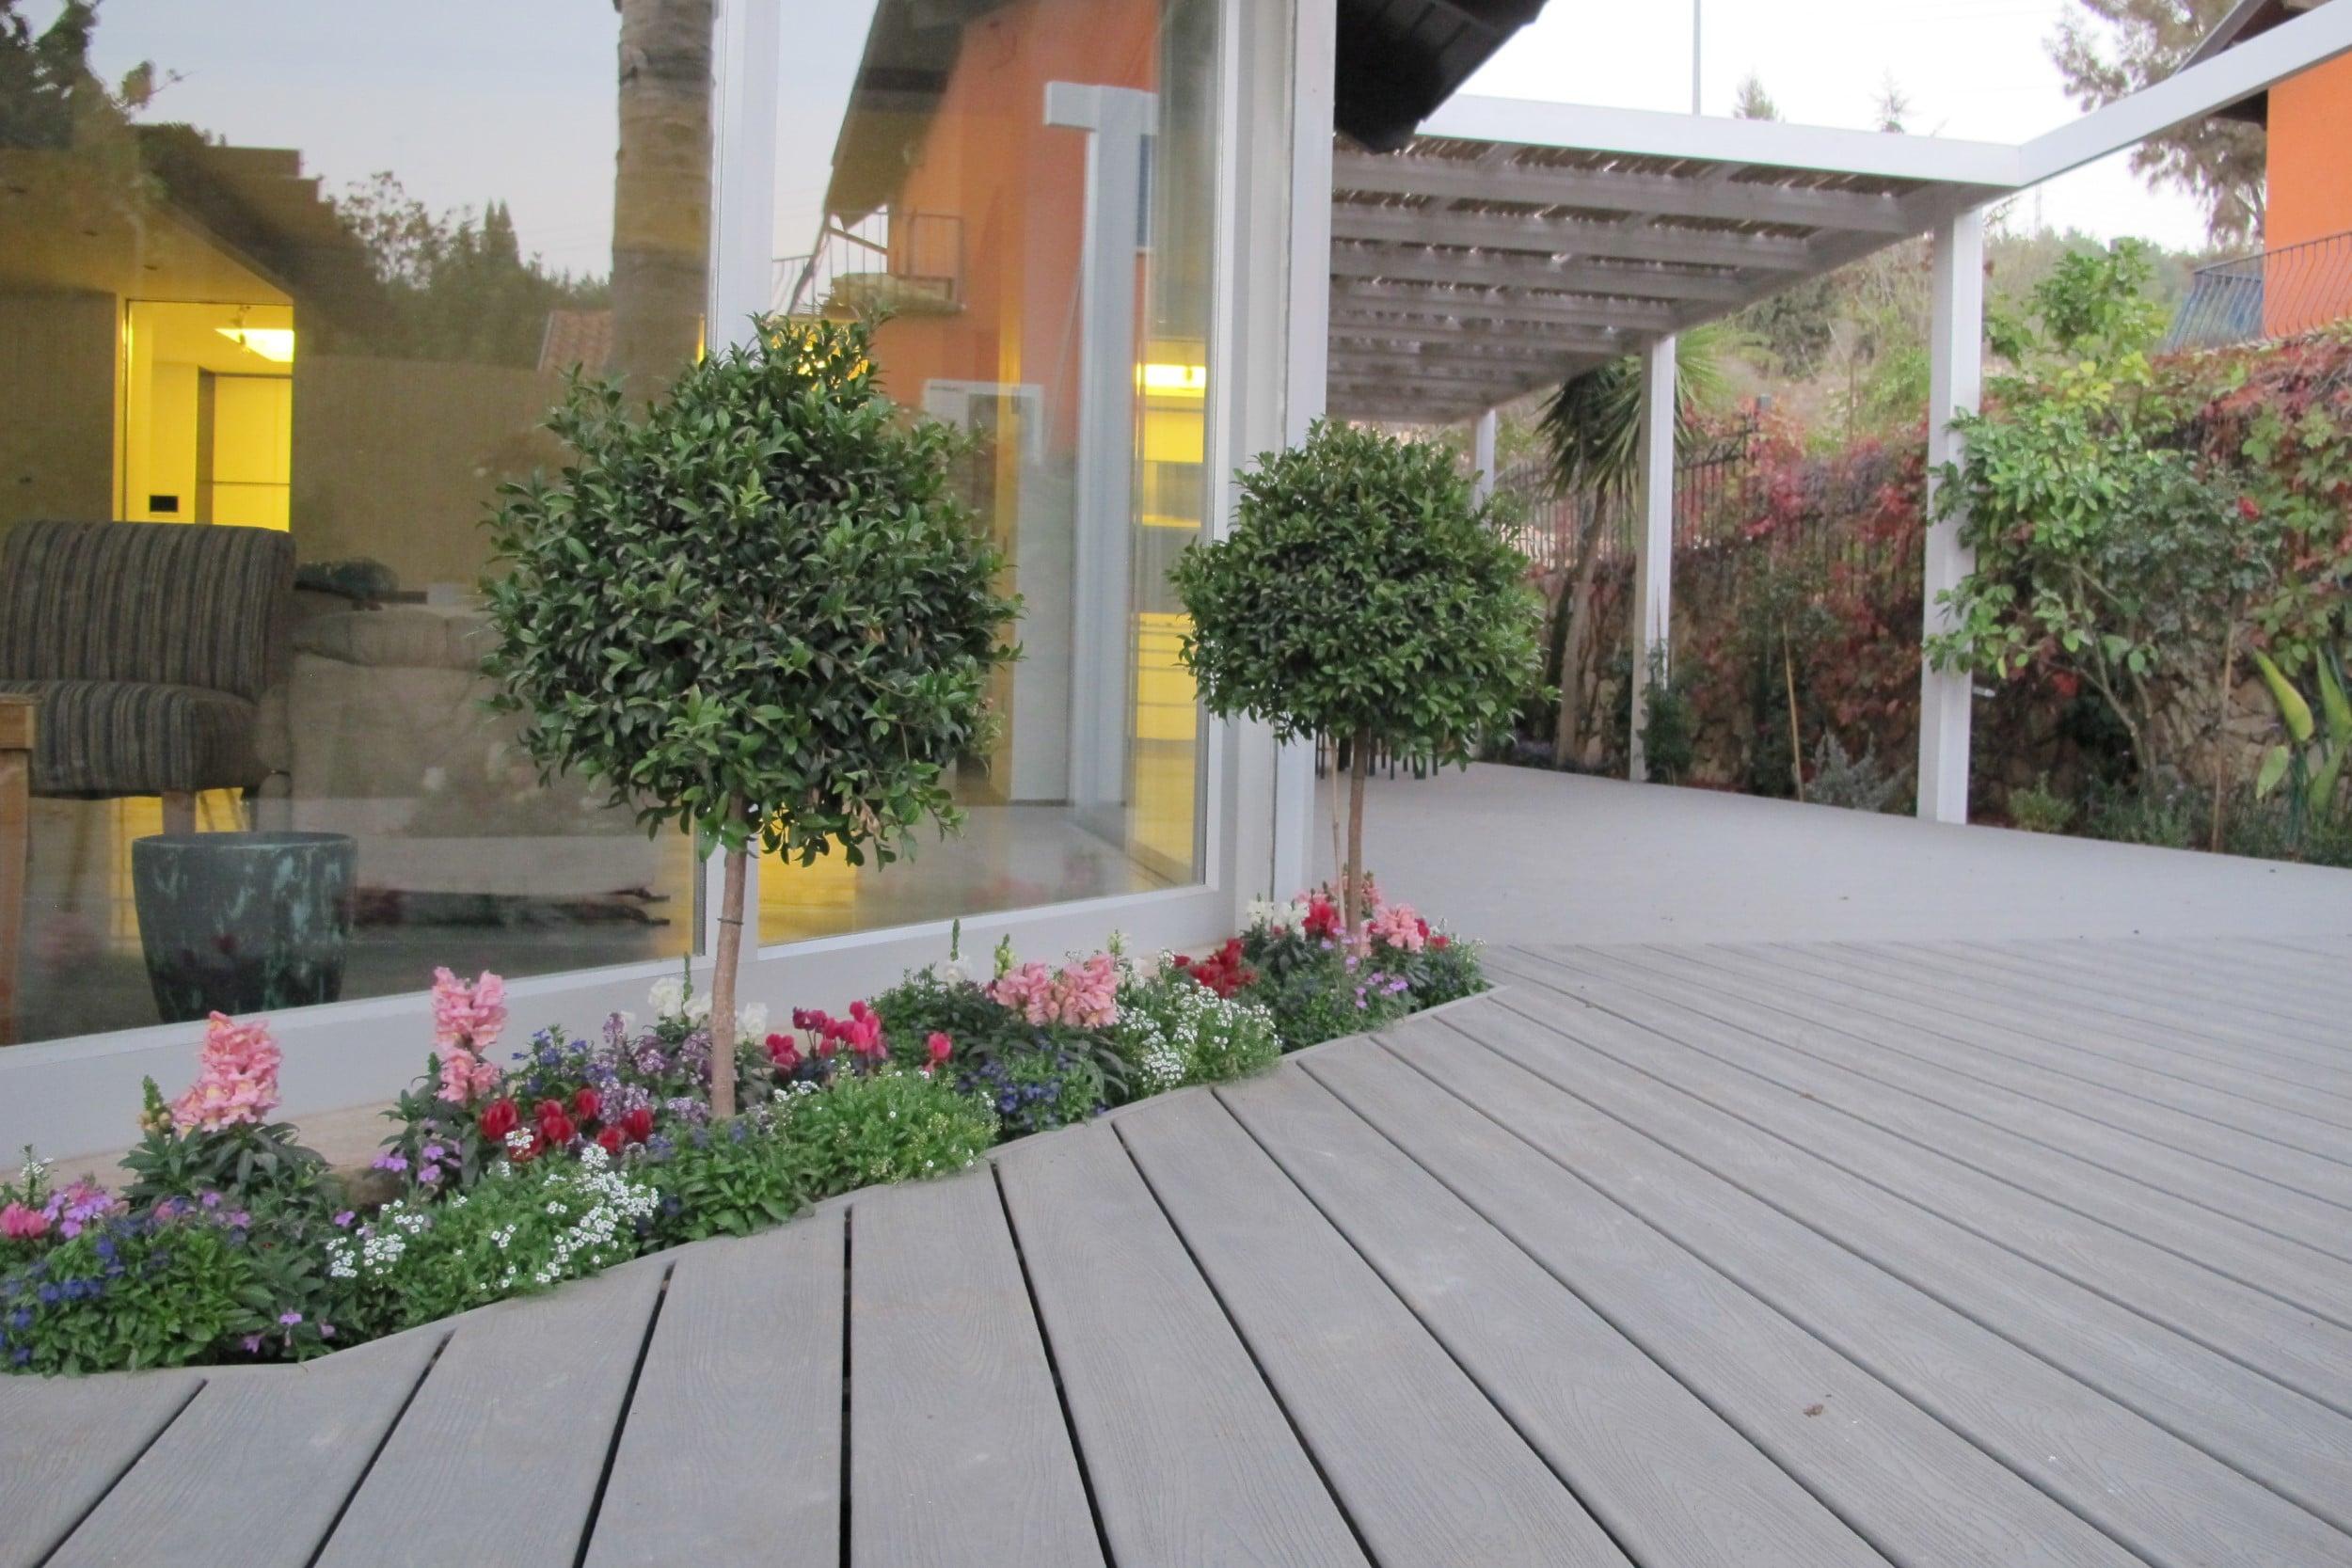 דק סינטטי, דק אורן בבית פרטי בבית זית - חברת TREX המייצרים את הדקים הסינטטיים העמידים ביותר בעולם, חיפוי קירות דמוי עץ ומעקות עץ סינטטי דמוי עץ